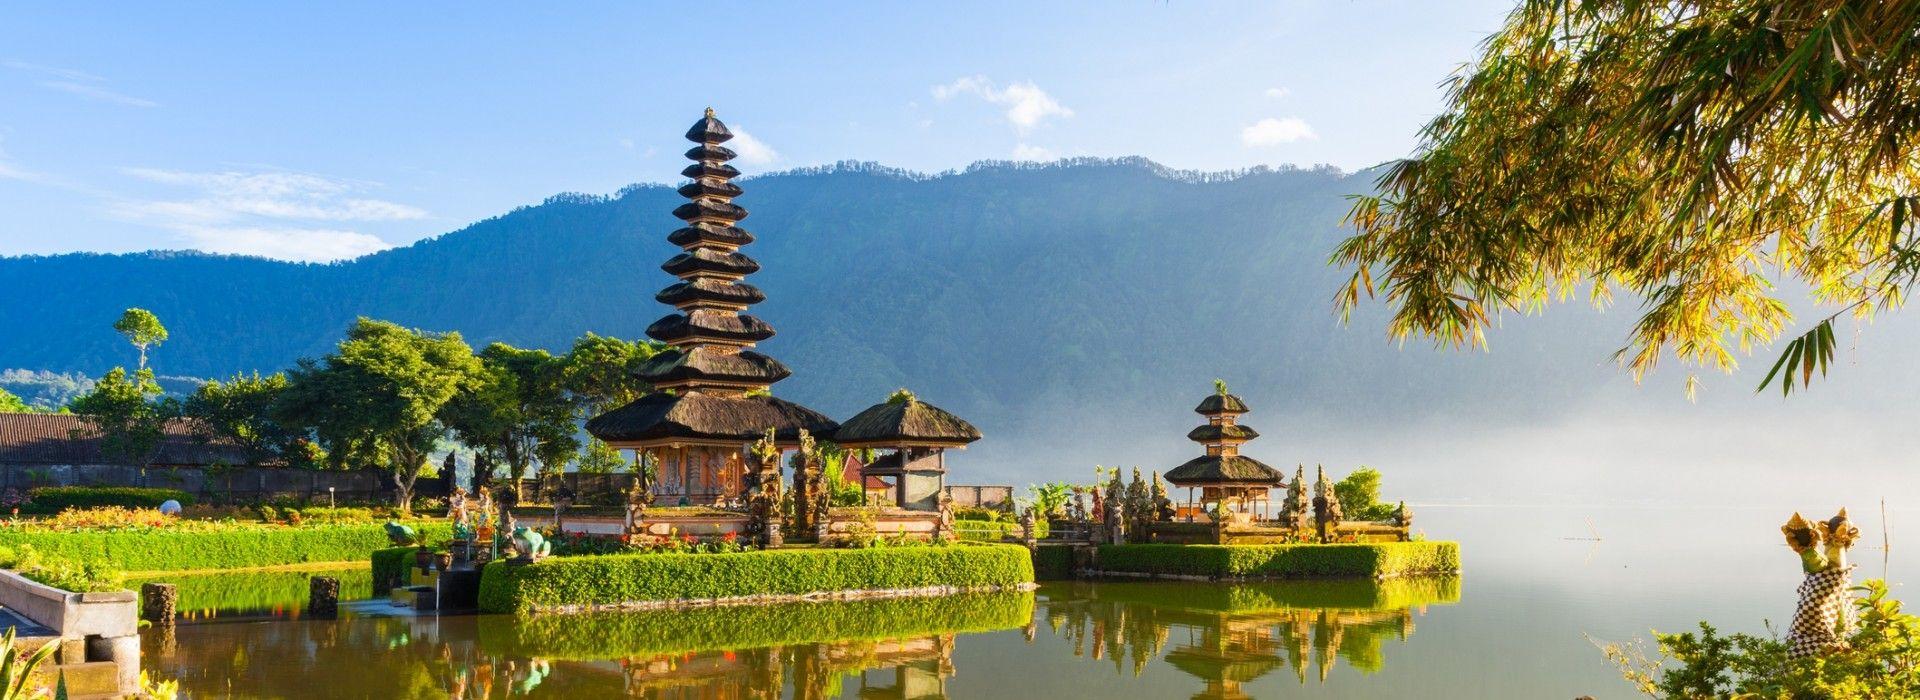 Natural landmarks sightseeing Tours in Denpasar